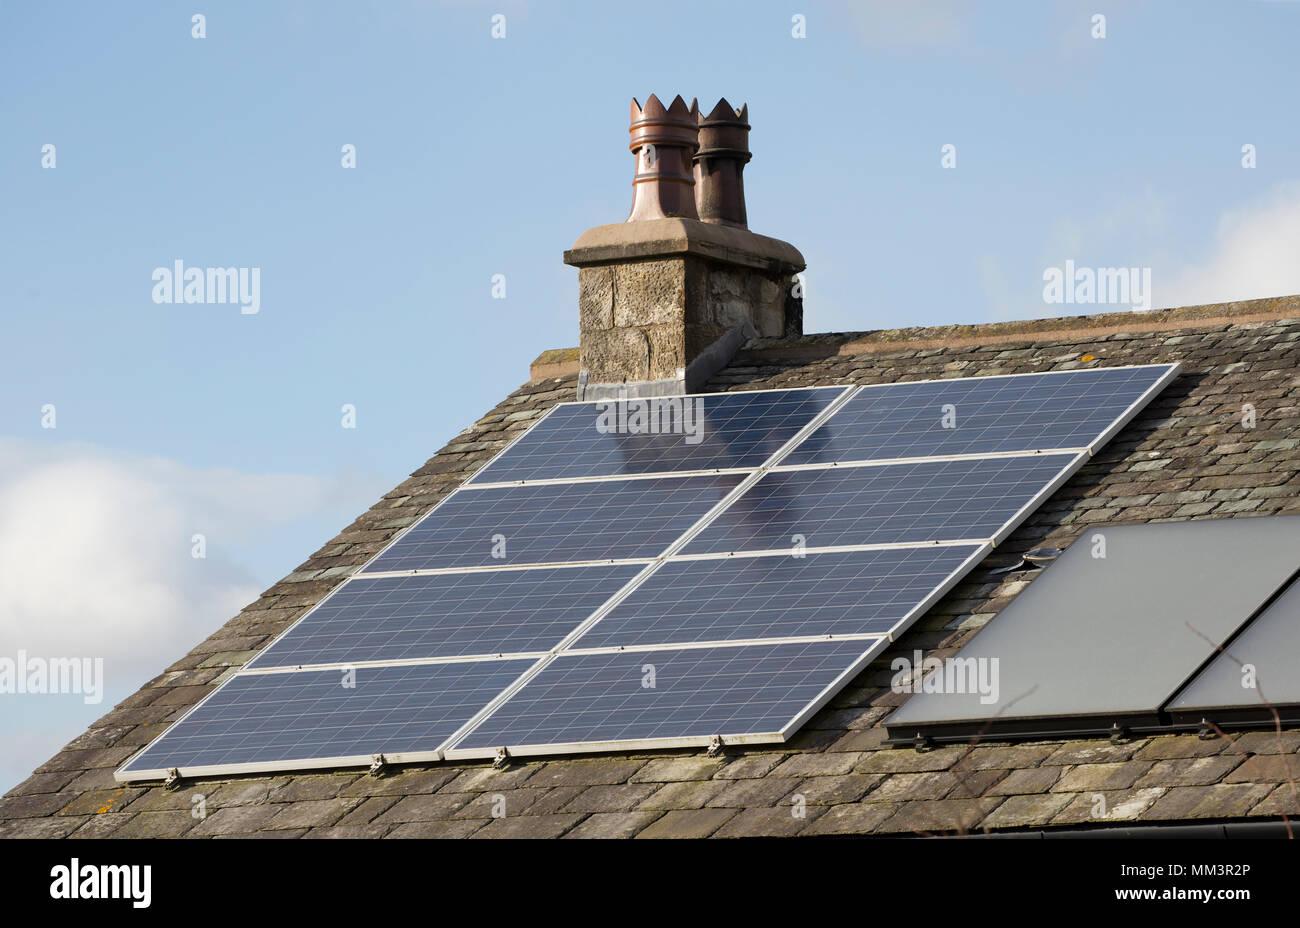 Des panneaux solaires sur le toit d'une maison à côté des pots de cheminée traditionnelle. Nord du Dorset England UK Photo Stock